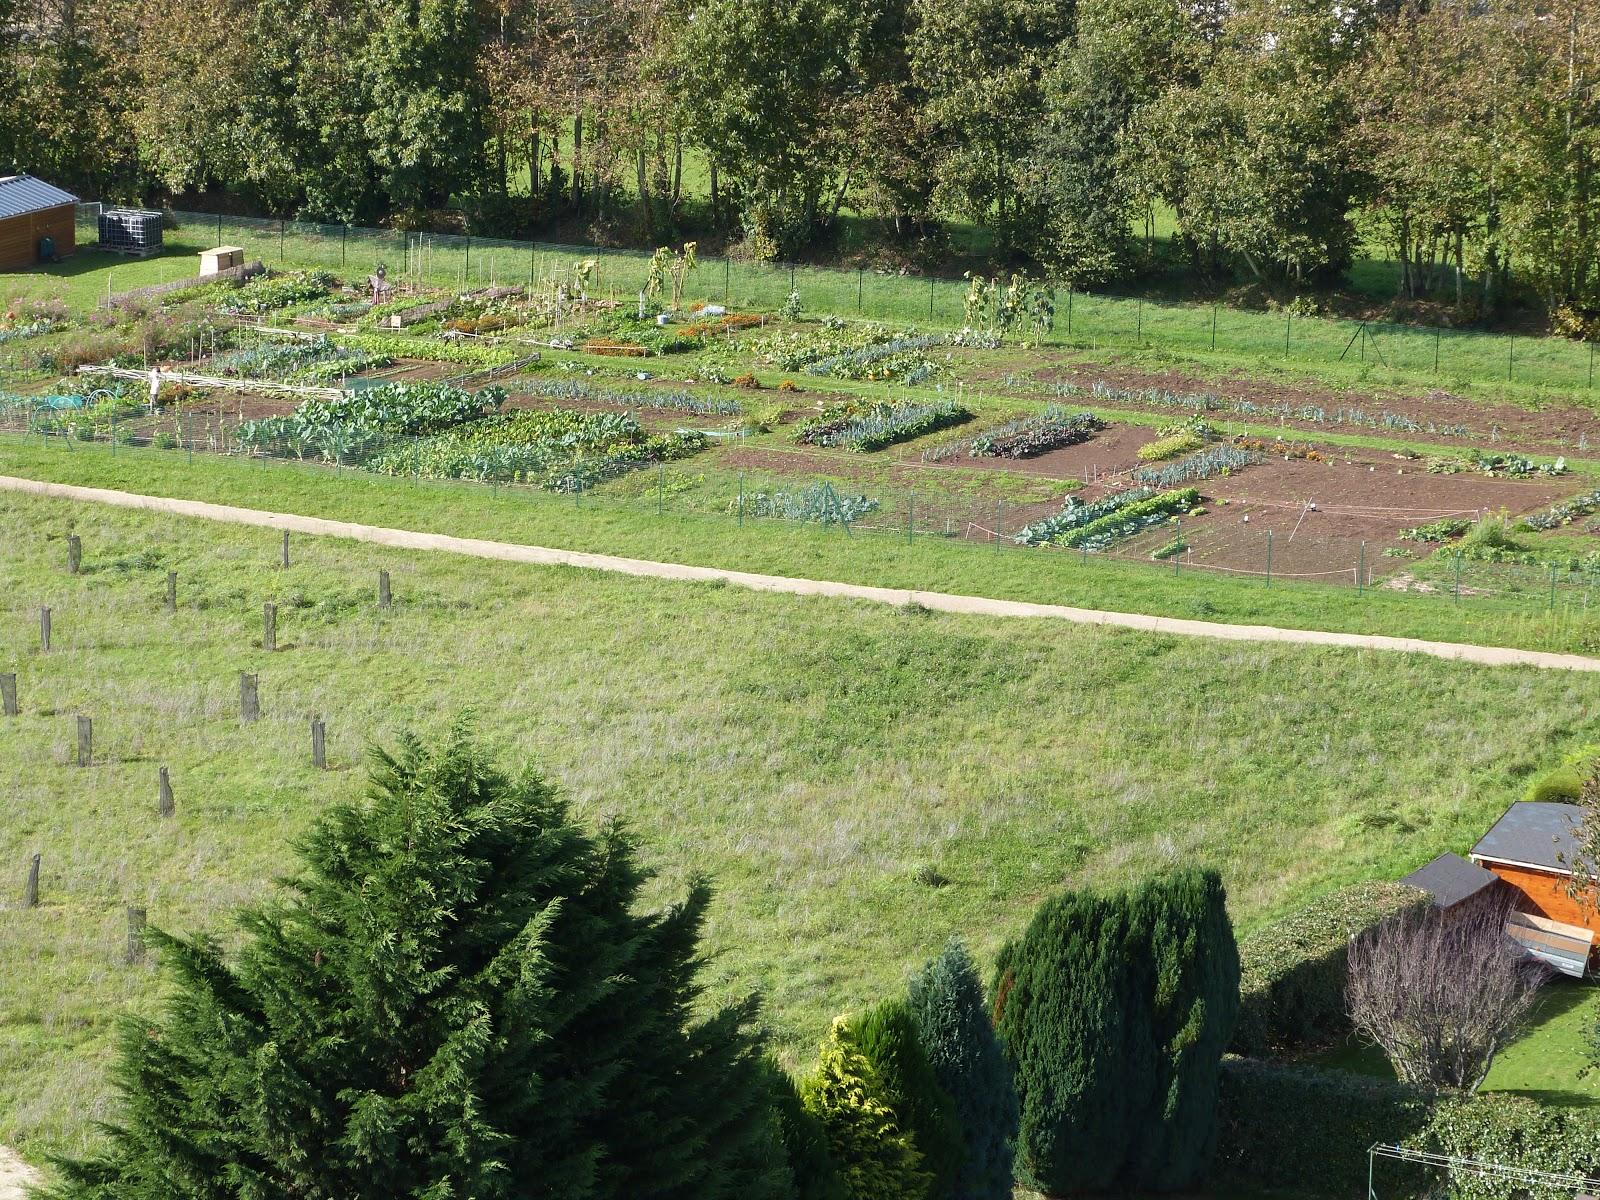 Les jardins familiaux de feunteun don 2012 10 14 for Jardin familiaux